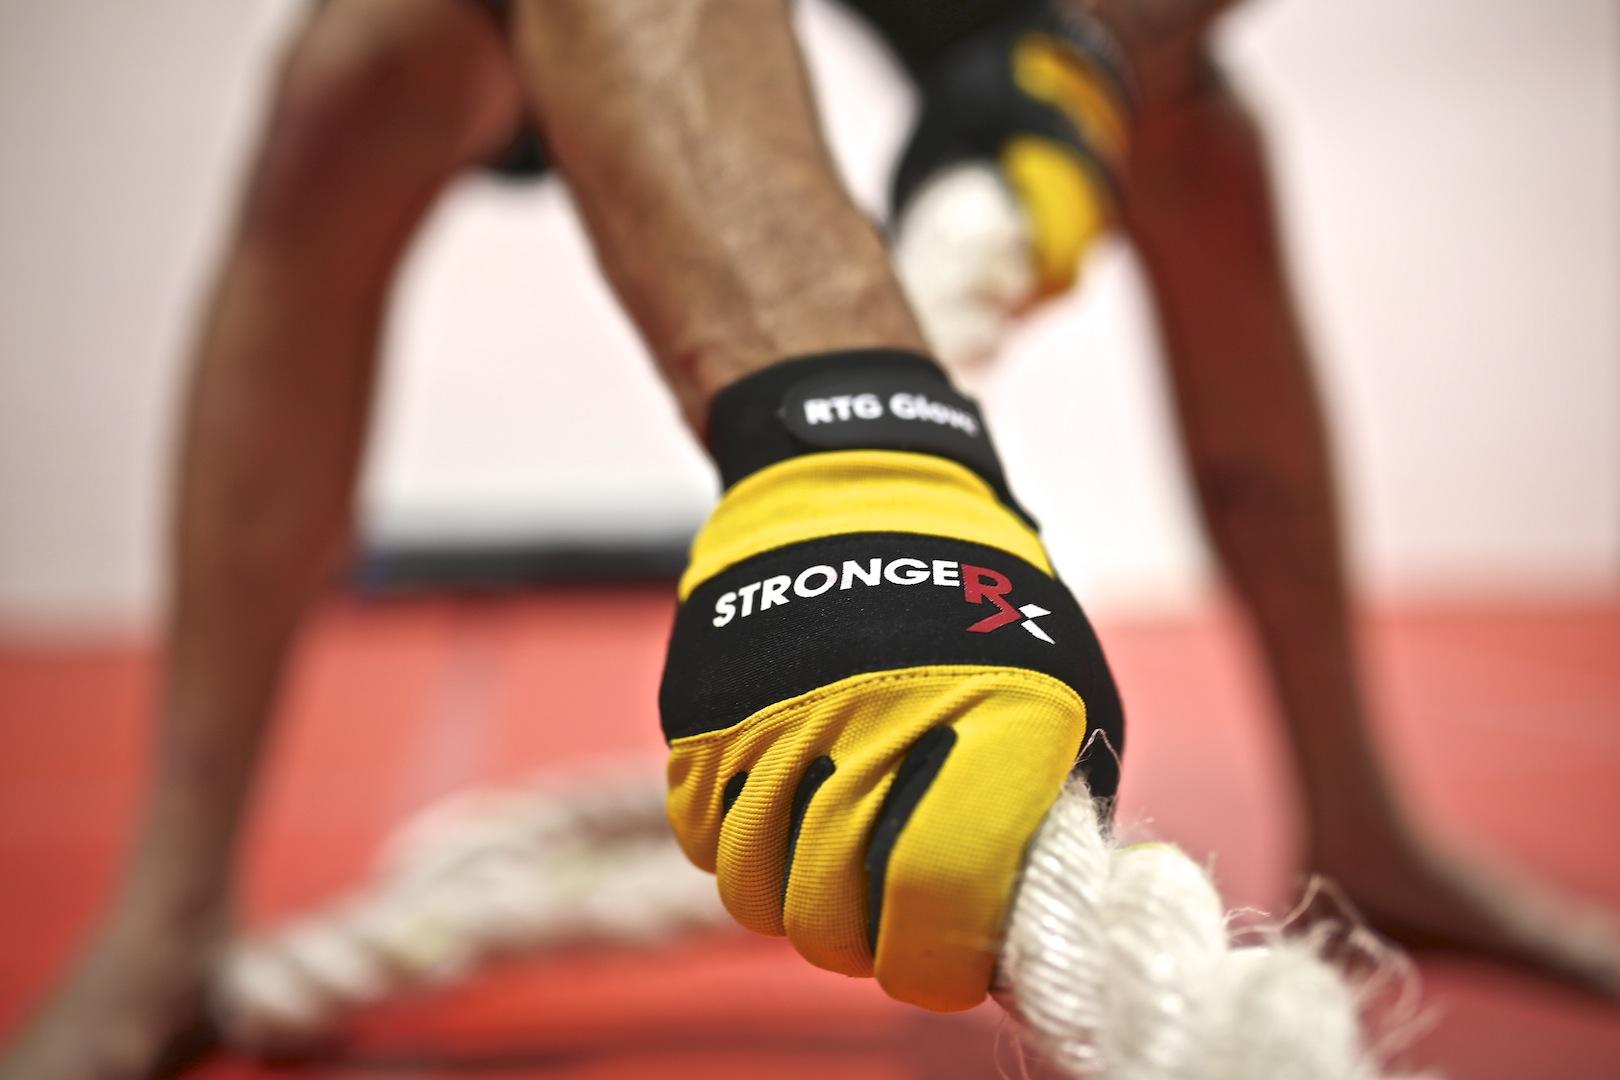 StrongerRx RTG Gloves Rope